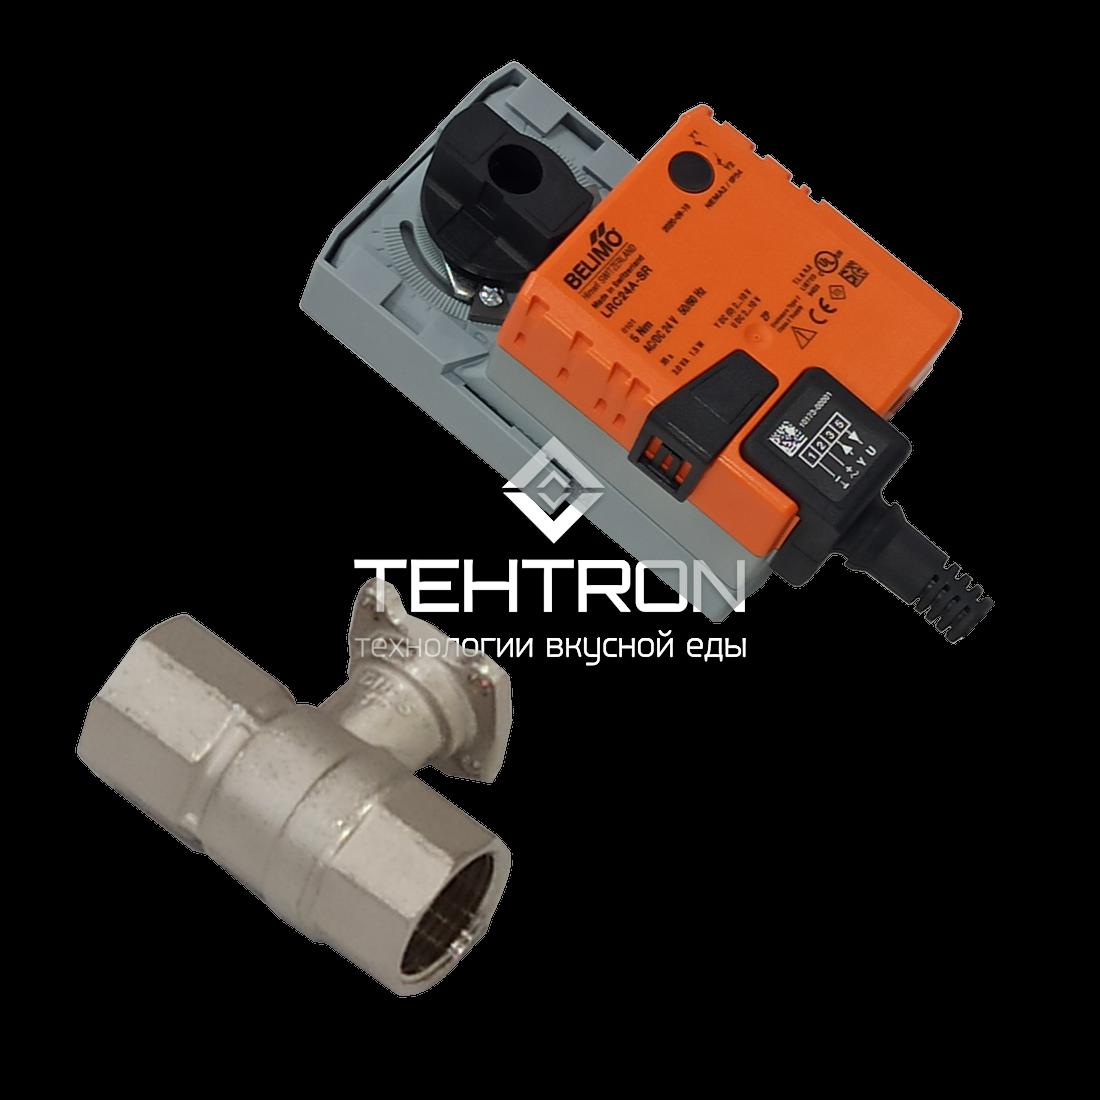 Электро привод воздушного клапана Belimo LRC24A-SR (для регулирующих шаровых кранов) для точного дозирования подачи воздуха в зону горения дымогенератора ДЩ-3 термокамер Техтрон